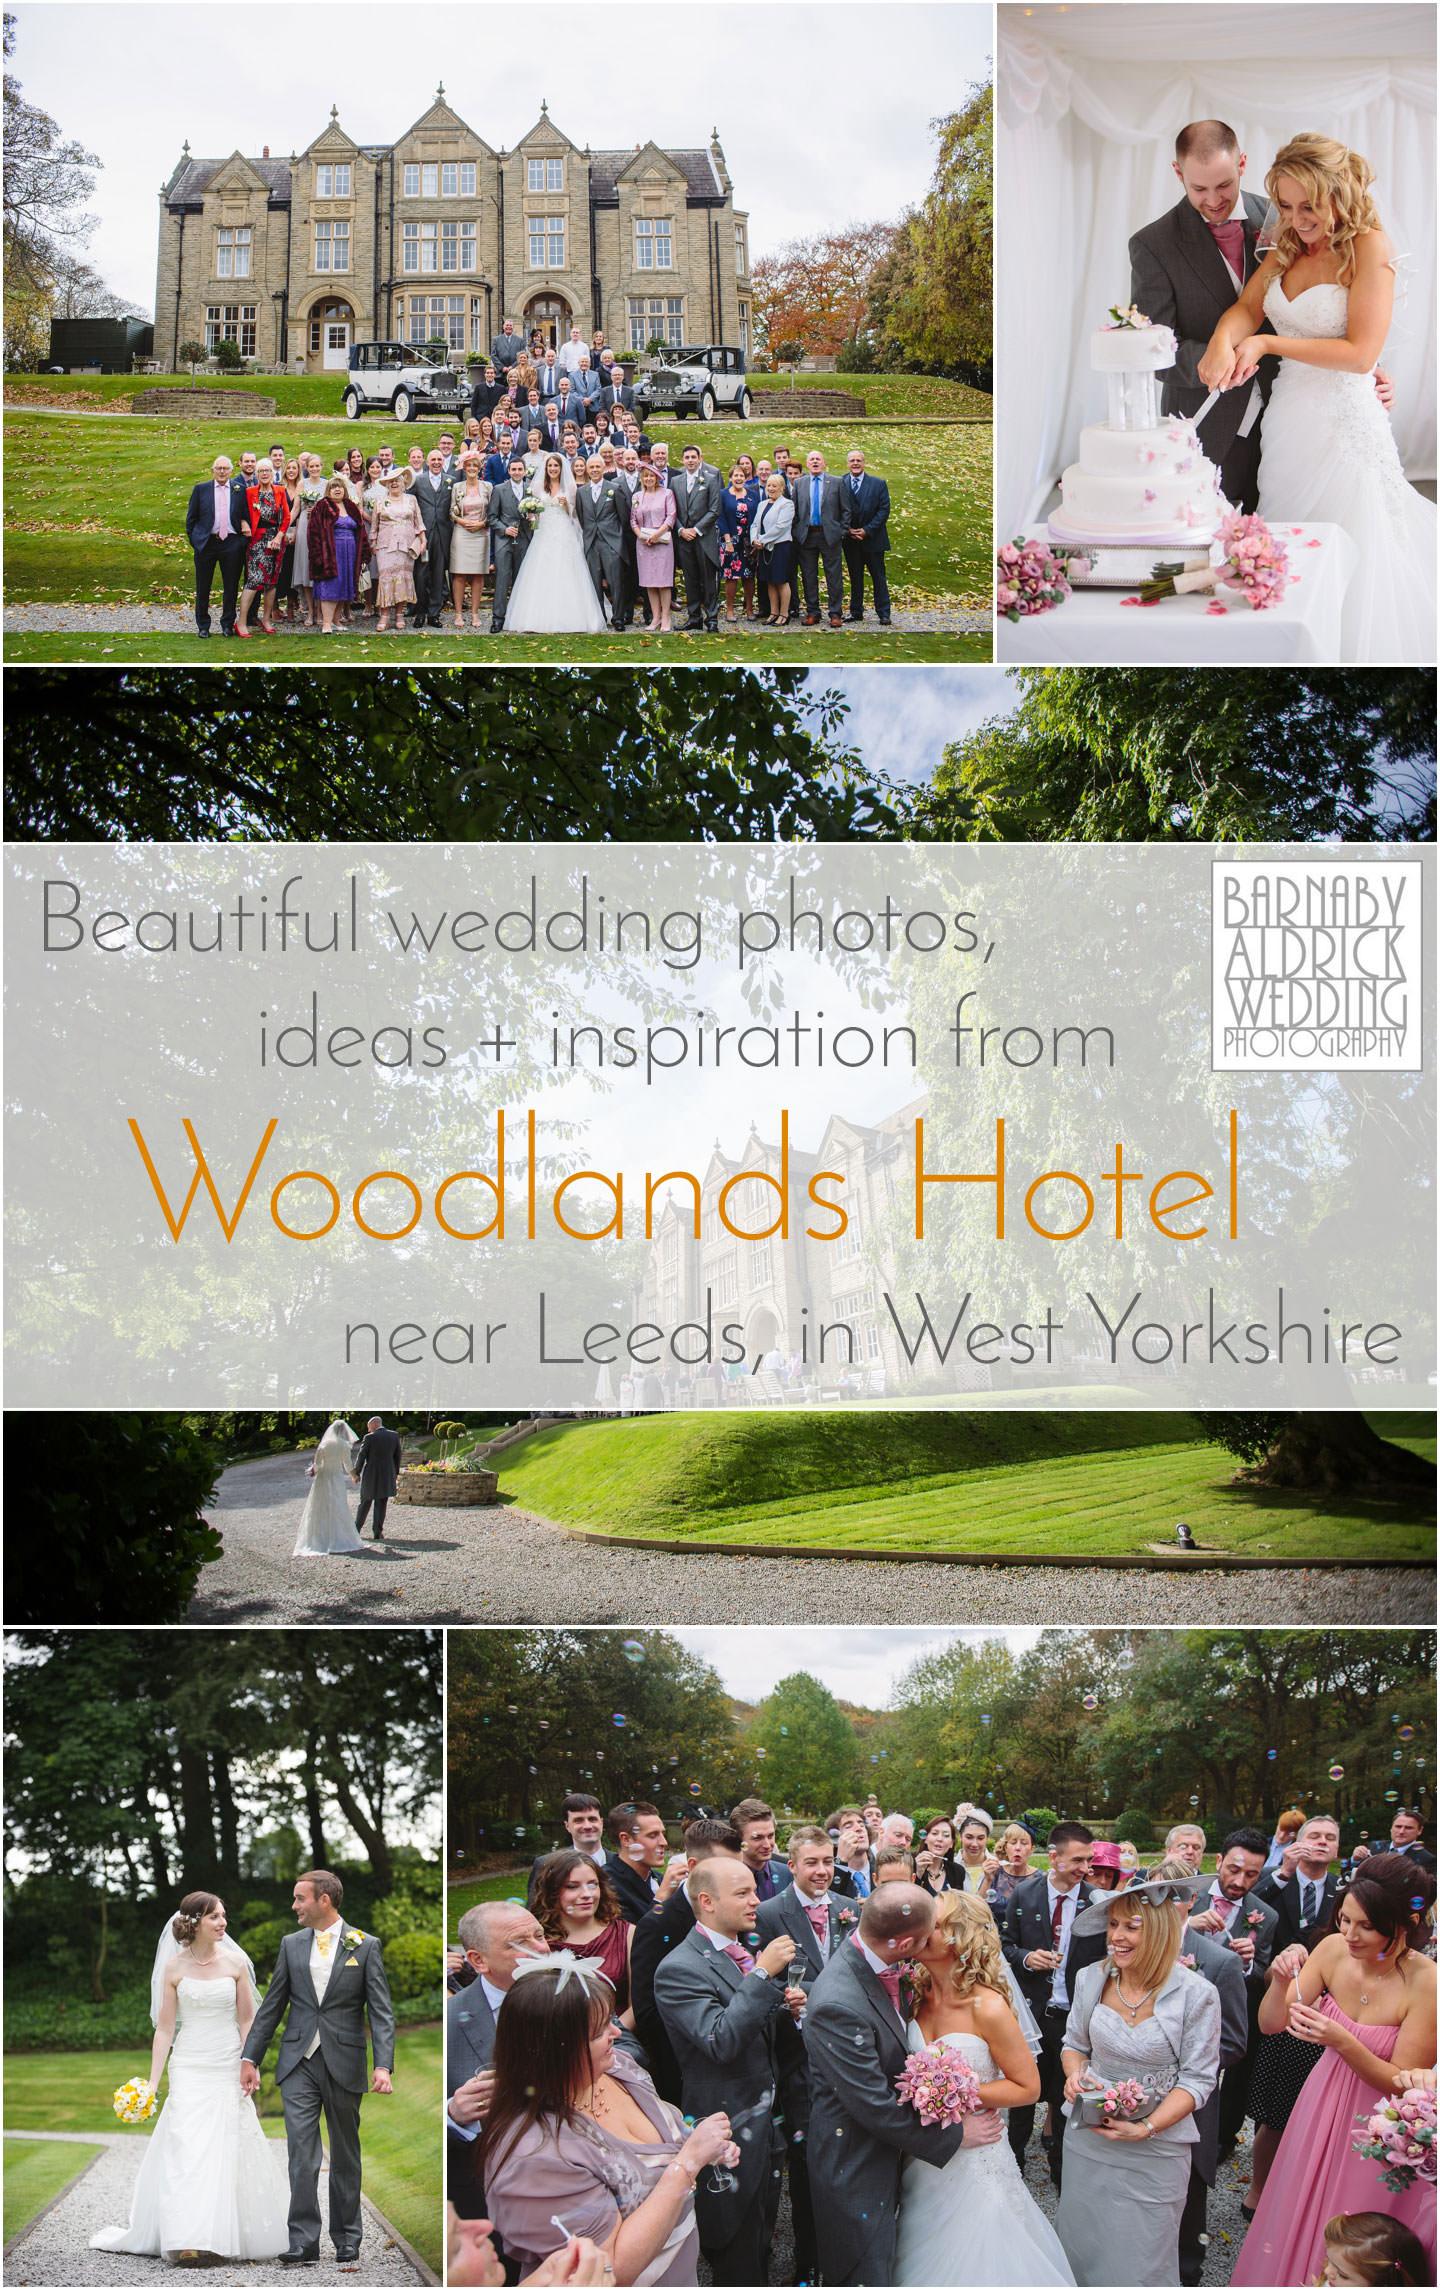 Woodlands Hotel, Woodlands Hotel Leeds, Woodlands Hotel Yorkshire, Woodlands Hotel Wedding Photographer, Woodlands Hotel Wedding Photos, Yorkshire Wedding Venues, Best Yorkshire Wedding Venues, Leeds Wedding Hotel Venue